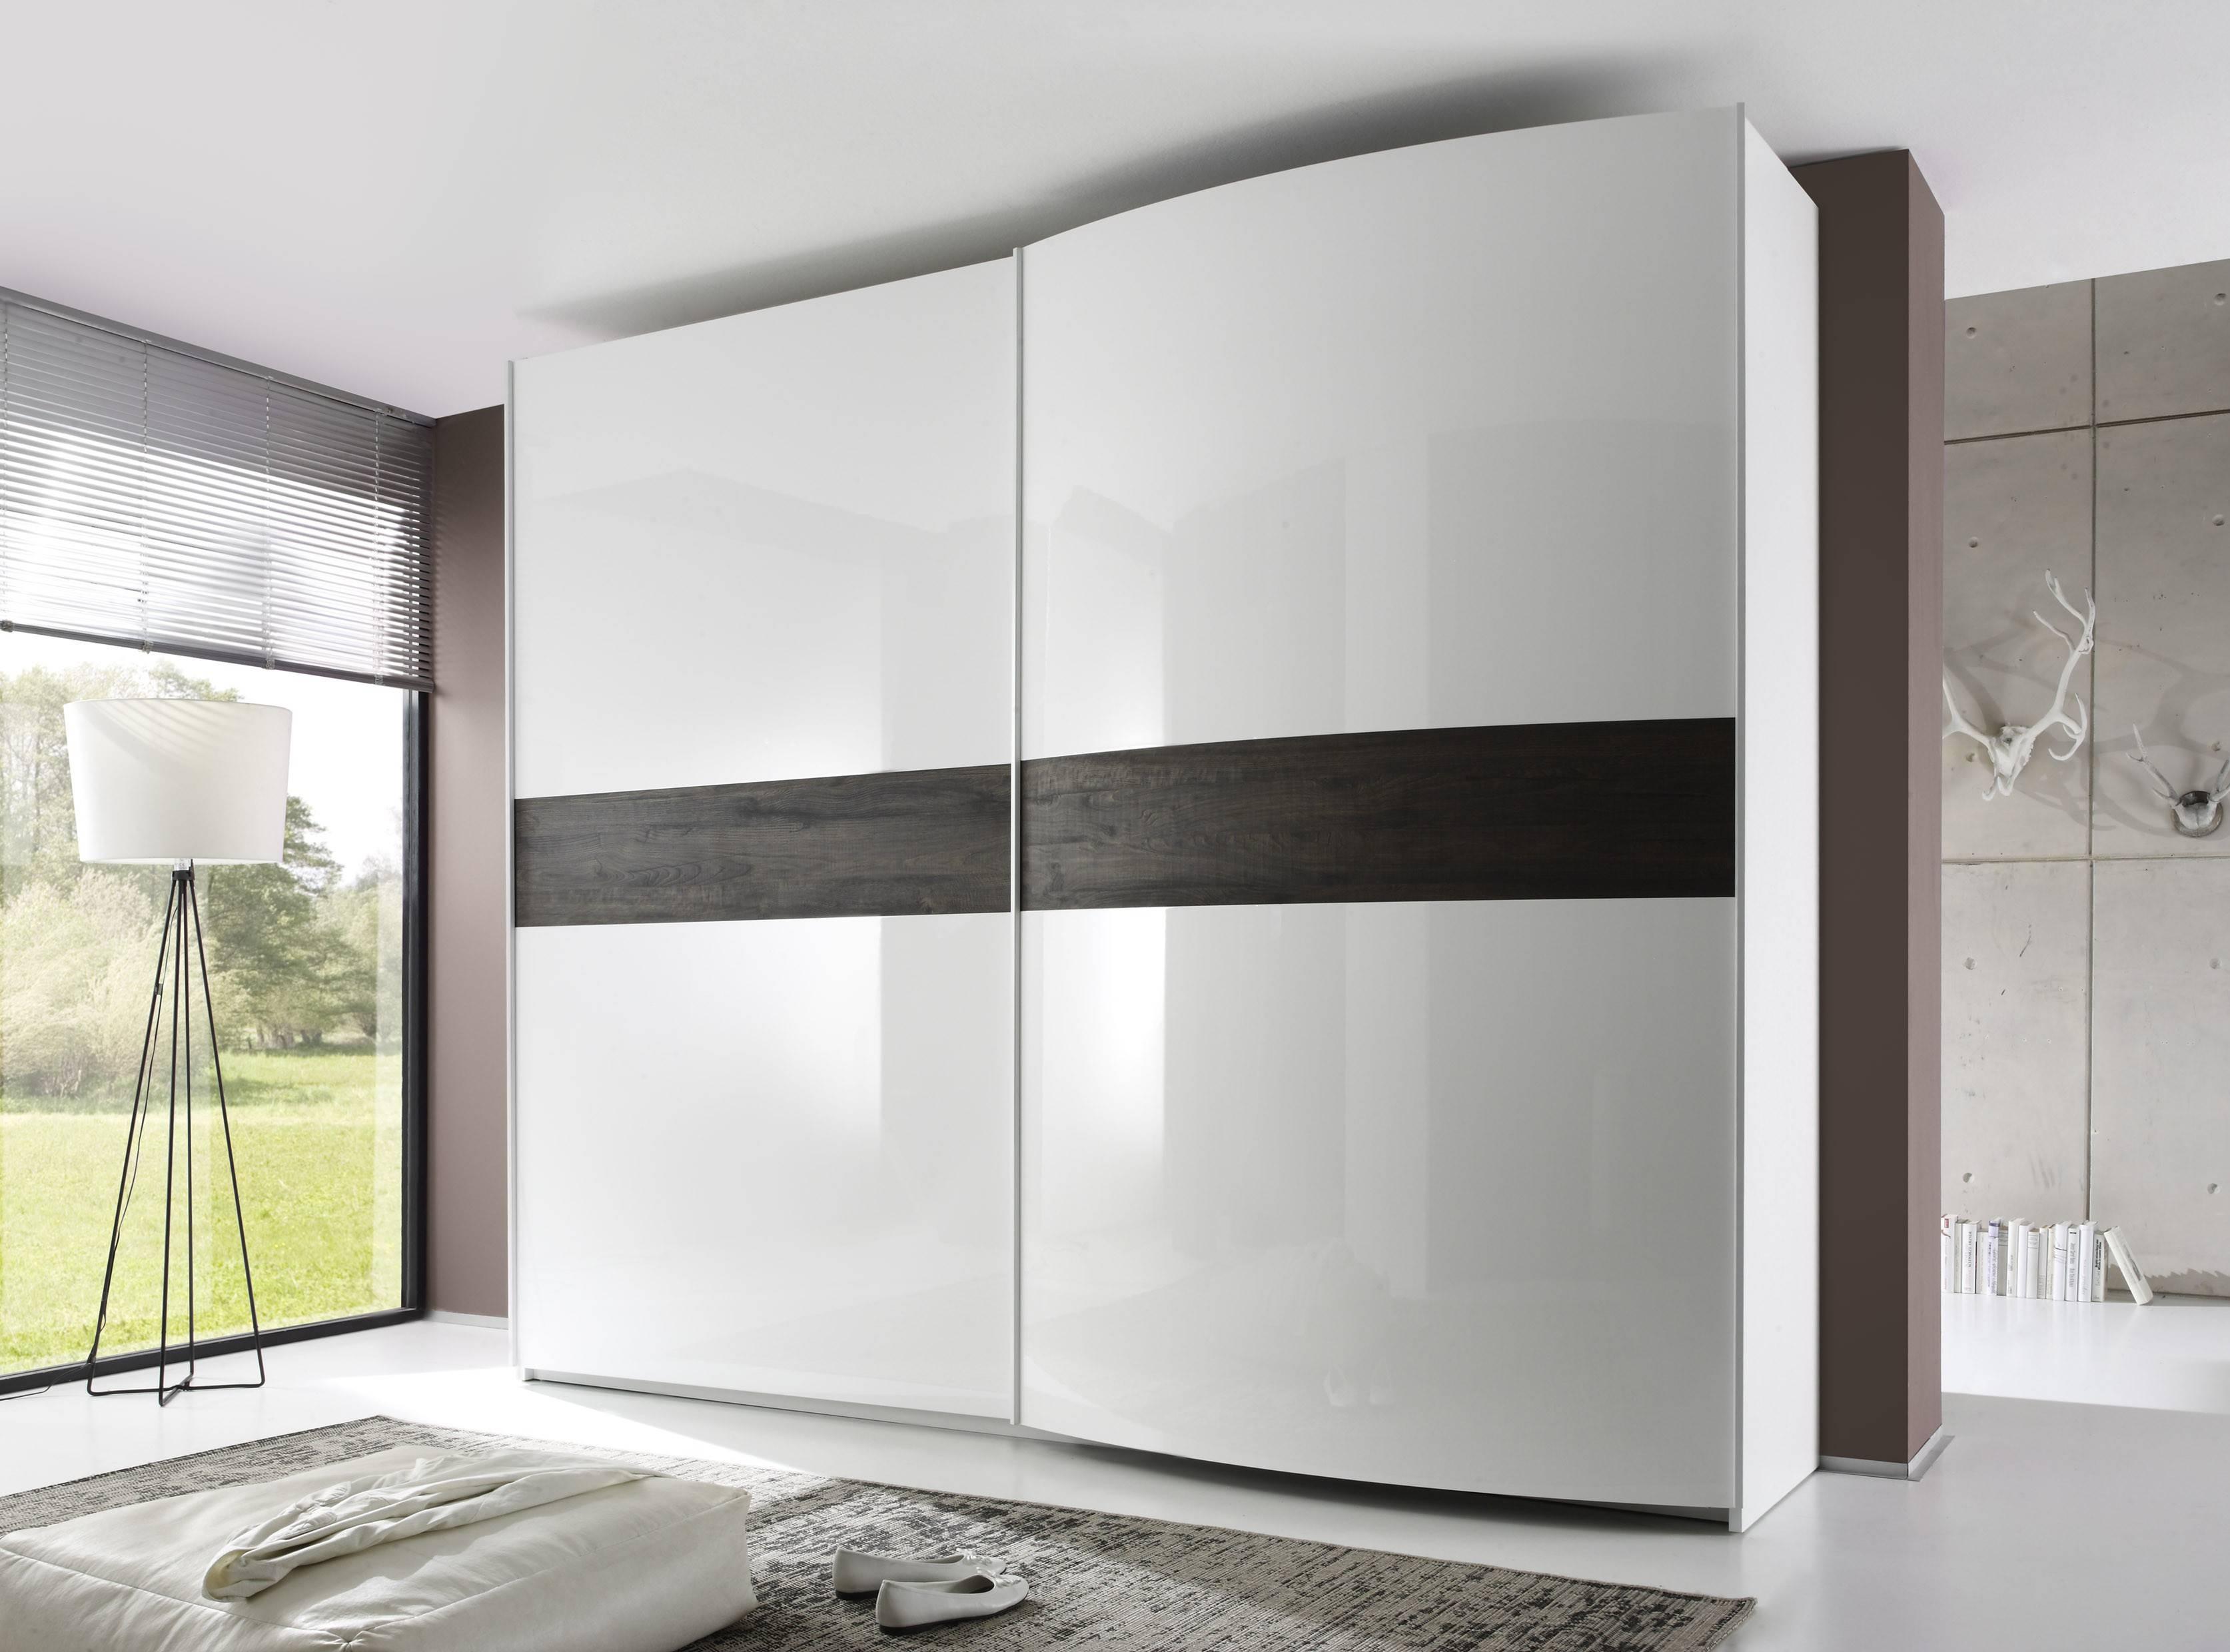 Tambura Curved Sliding Doors Wardrobe, White + Wenge Inserts Buy within Curved Wardrobe Doors (Image 23 of 30)